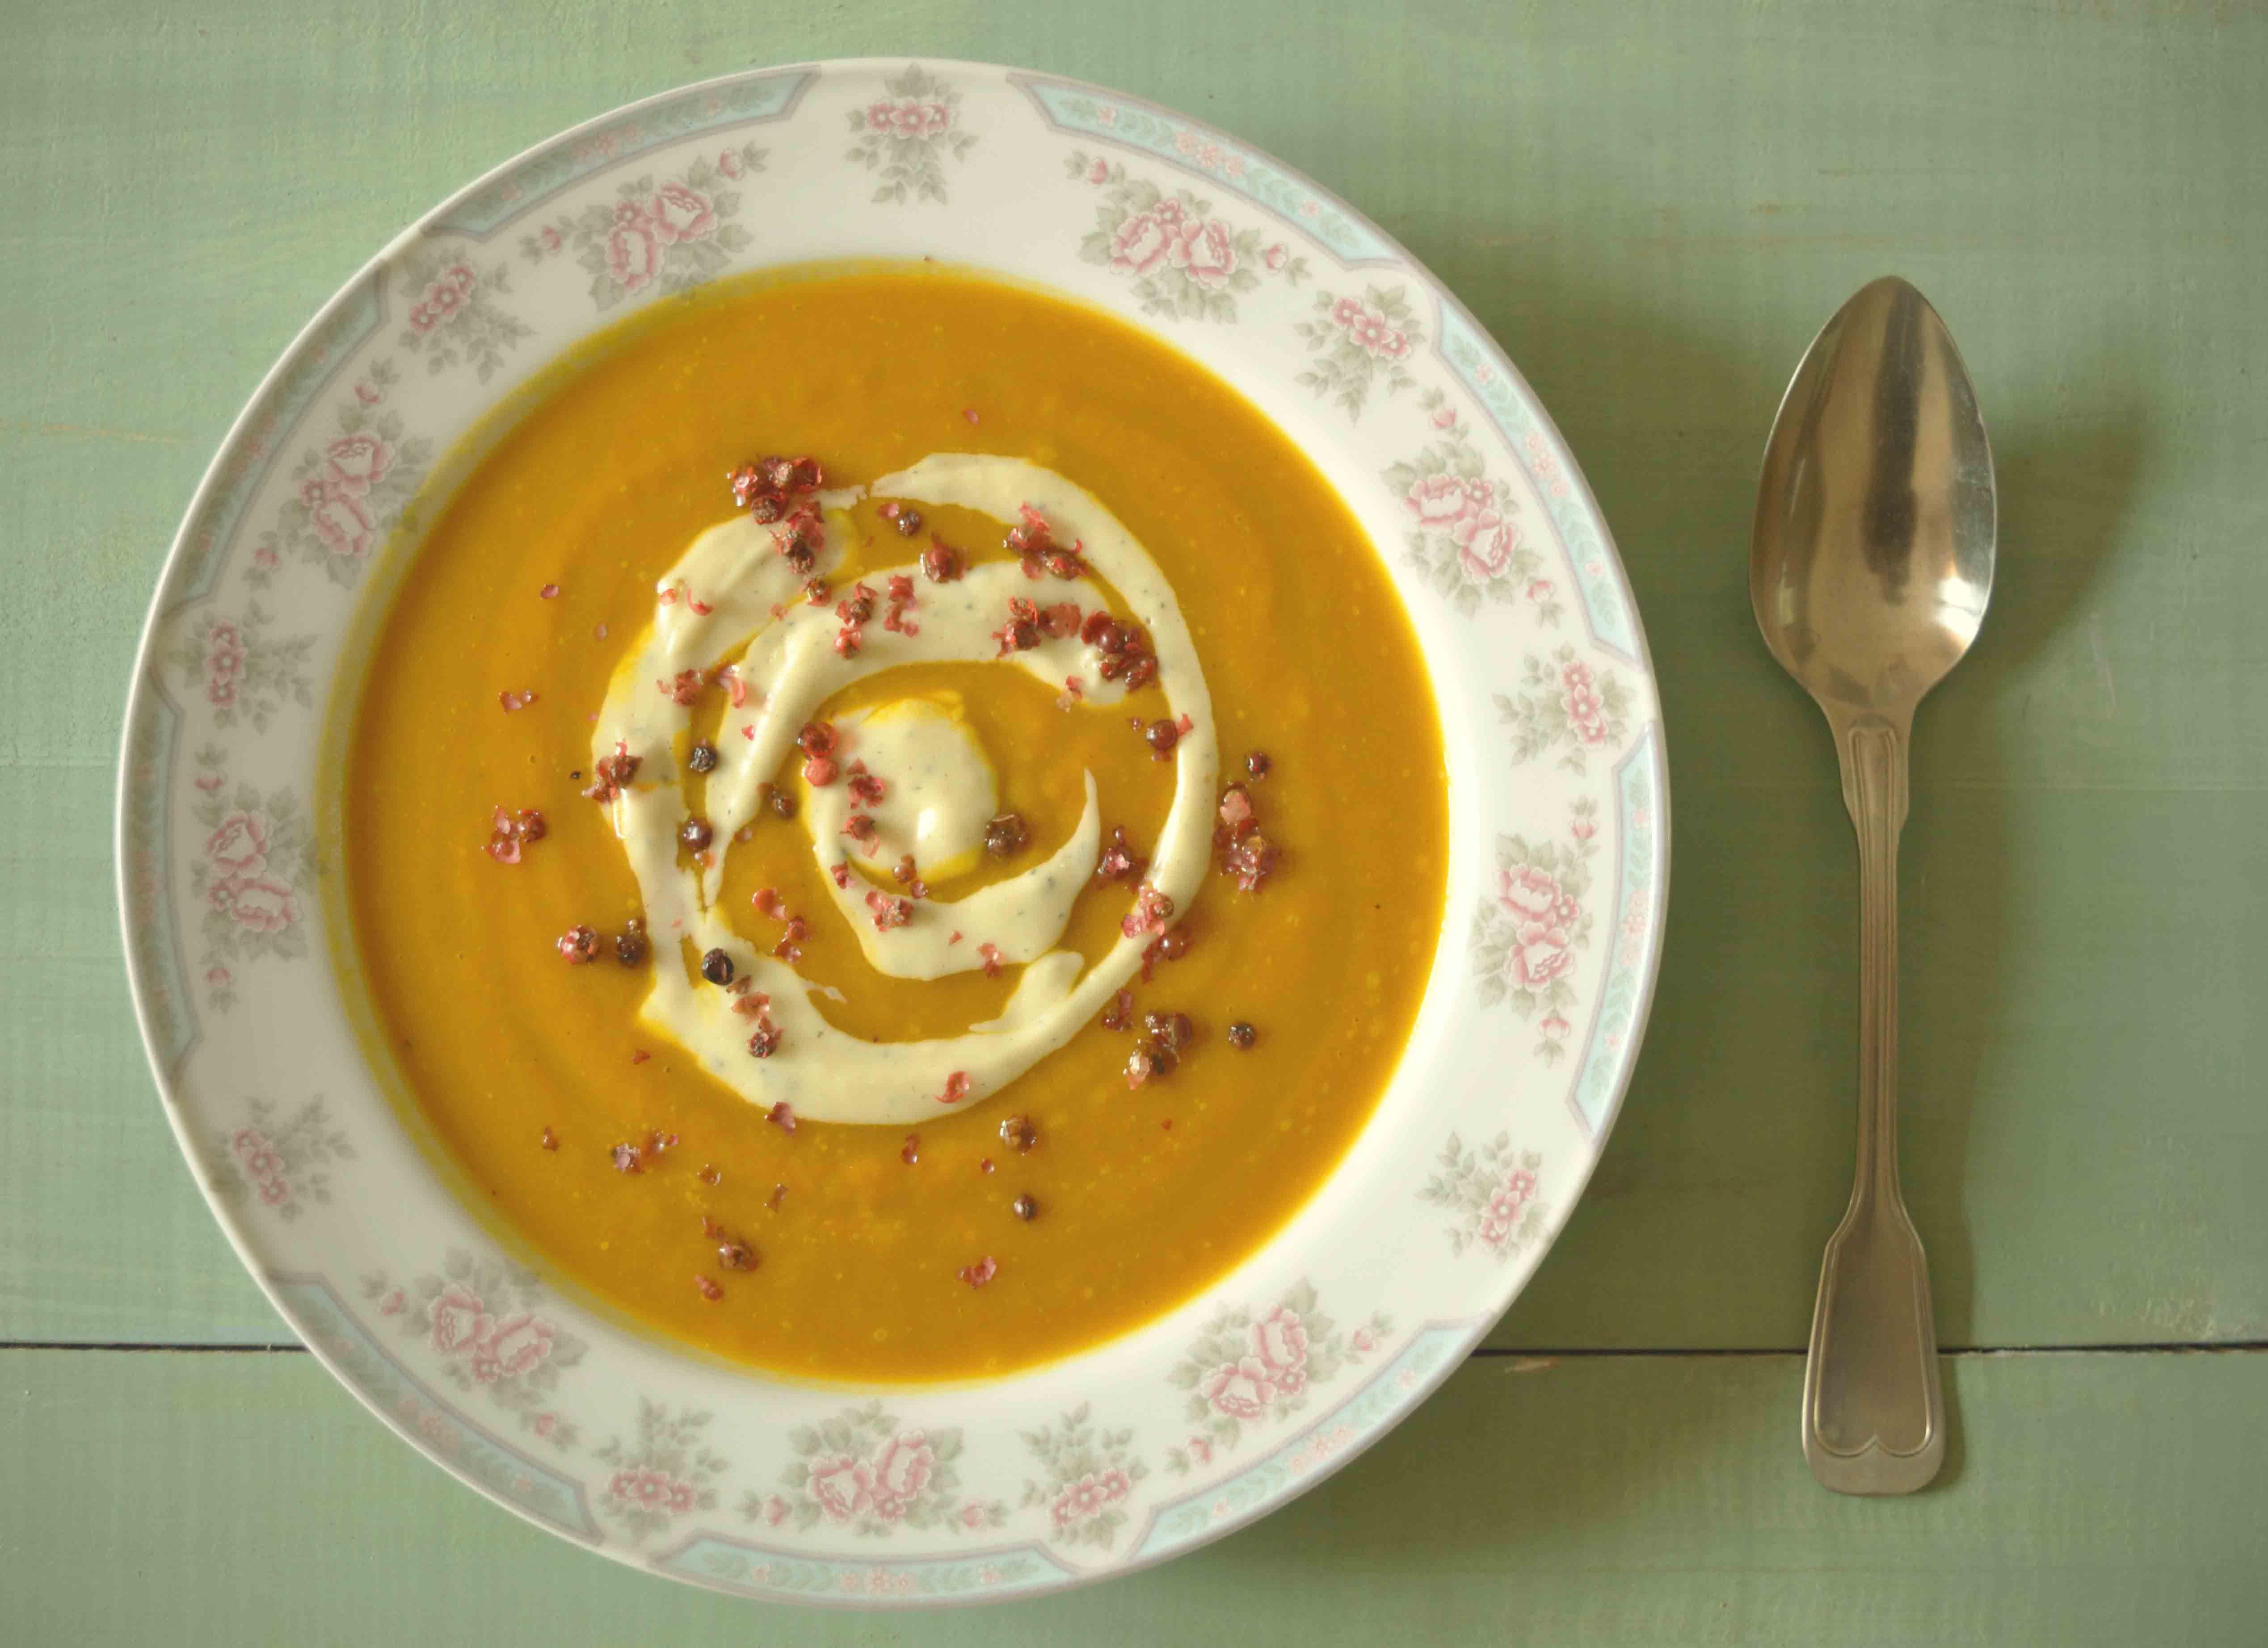 Sopa Creme de Abóbora Cabotiá com Gorgonzola http://www.acucarando.com.br/sopa-creme-de-abobora-e-cenoura-e-um-pequeno-desabafo/